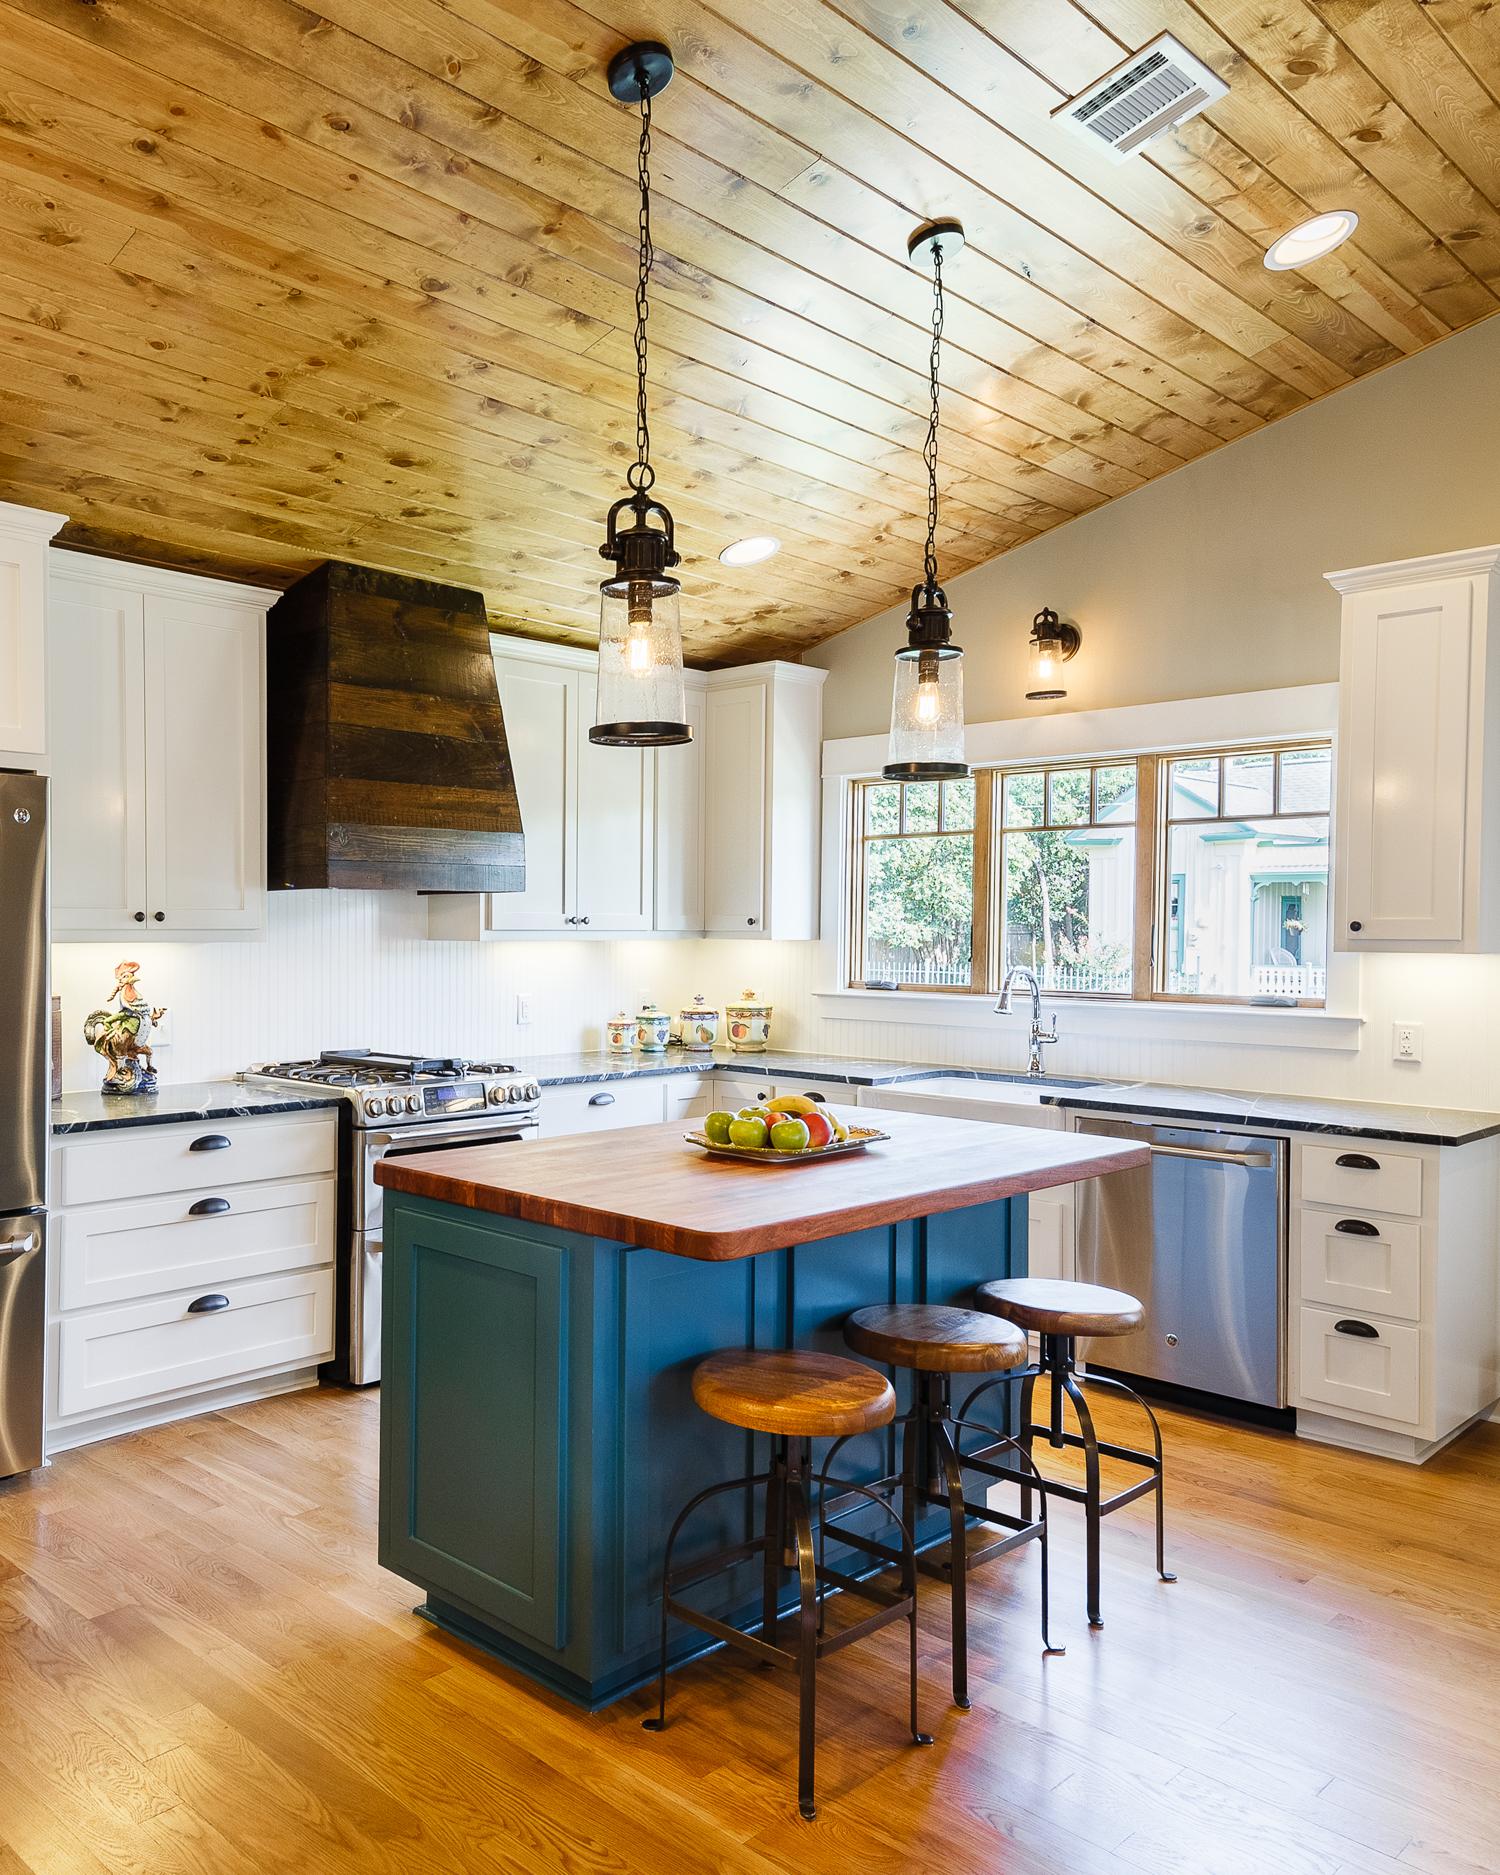 140726-myrtlemanor-georgetown-texas-kitchen-jbryantboyd-.jpg